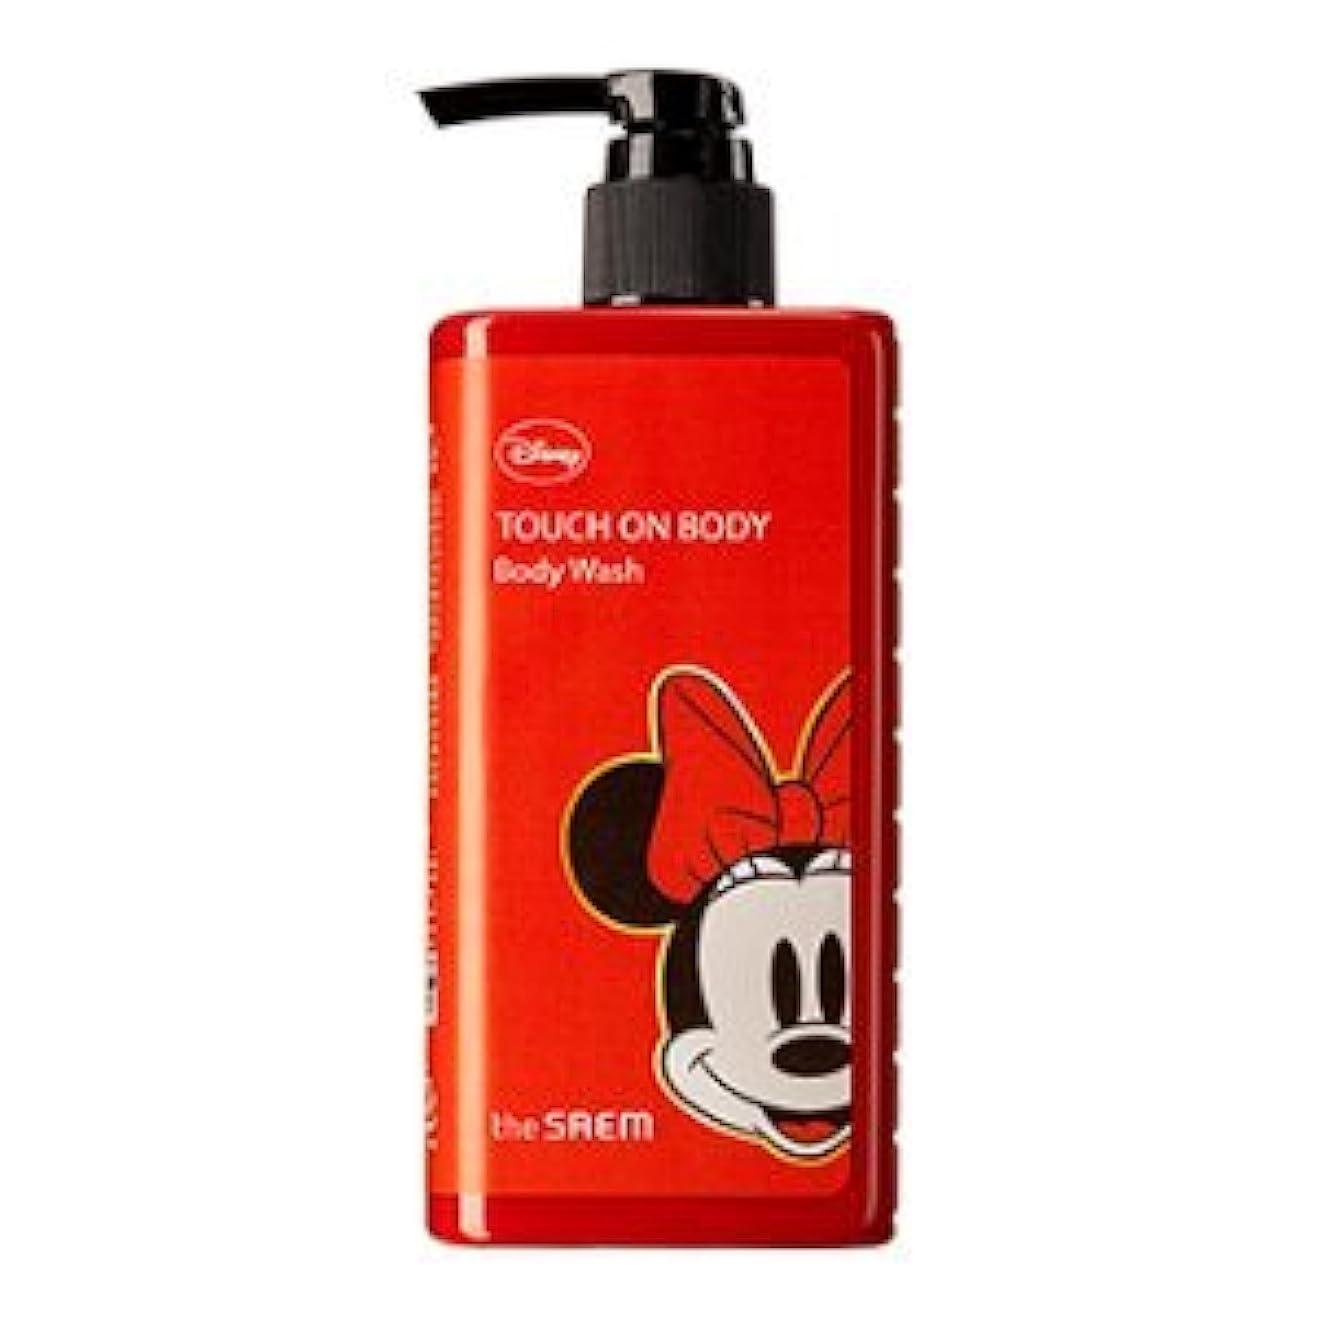 チーター雑多な有効(The Saem X Disney )Touch On Body Acerola Body Wash 300ml / ザセム タッチオンボディーアセロラボディーウォッシュ (ディズニーエディション) [並行輸入品]